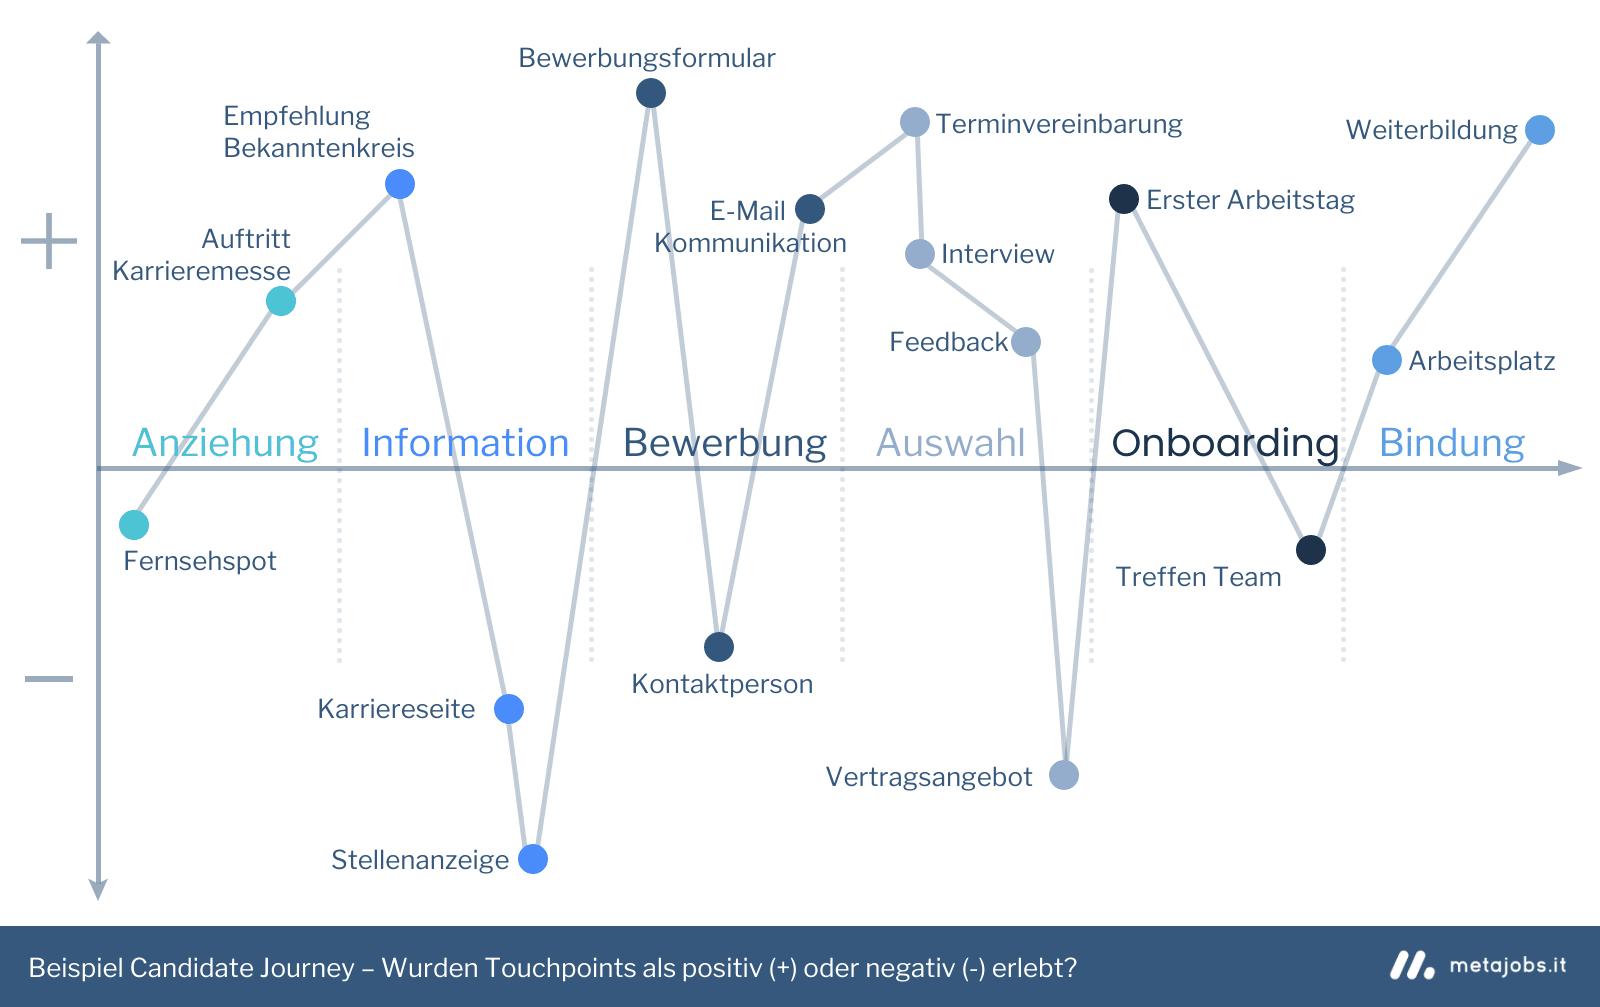 Candidate Journey – Die positive oder negative Bewertung von Touchpoints Infografik